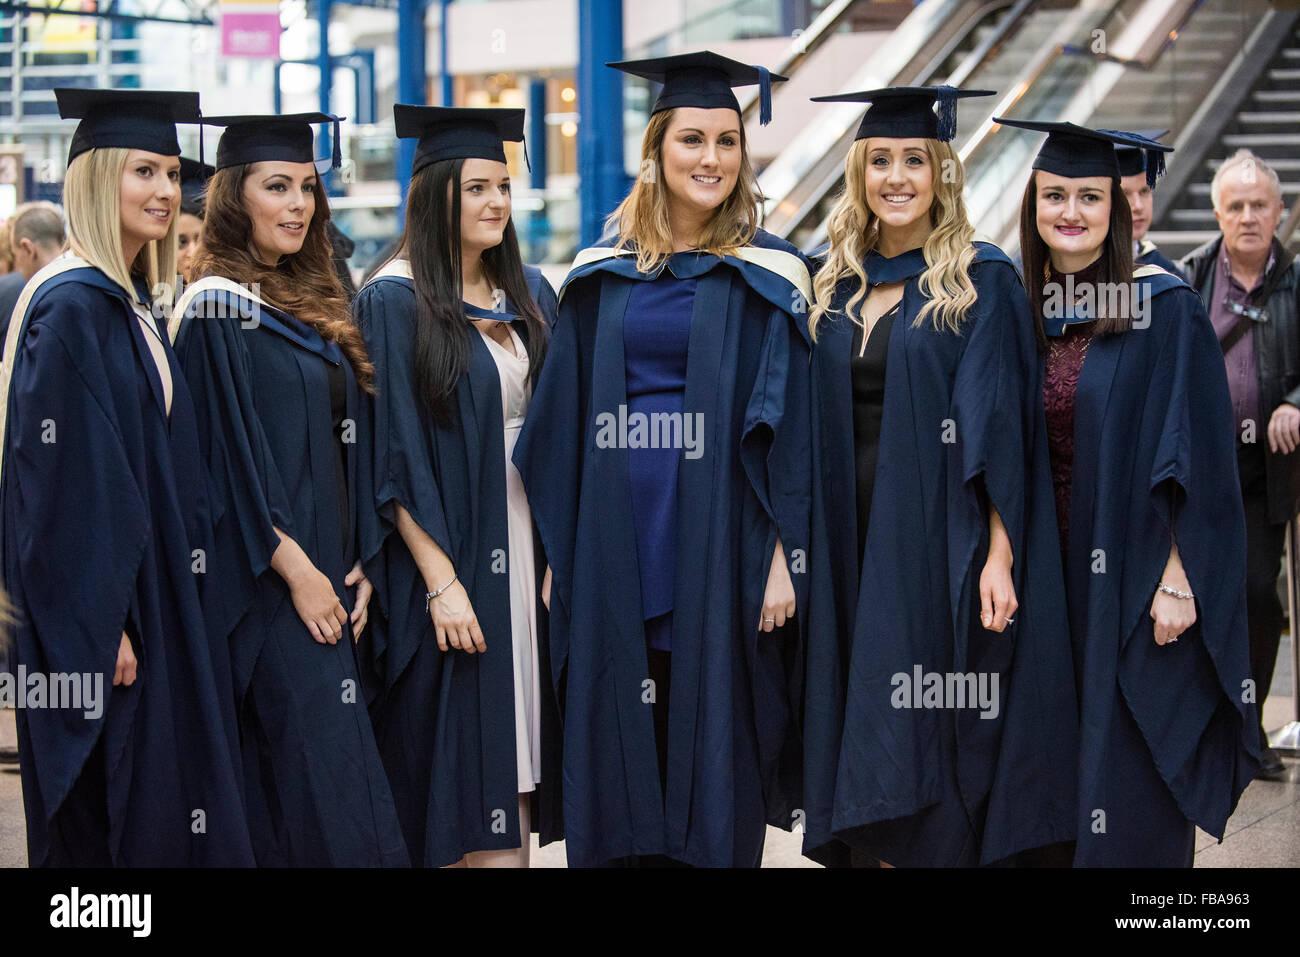 Amazing Birmingham City University Graduation Gown Vignette ...